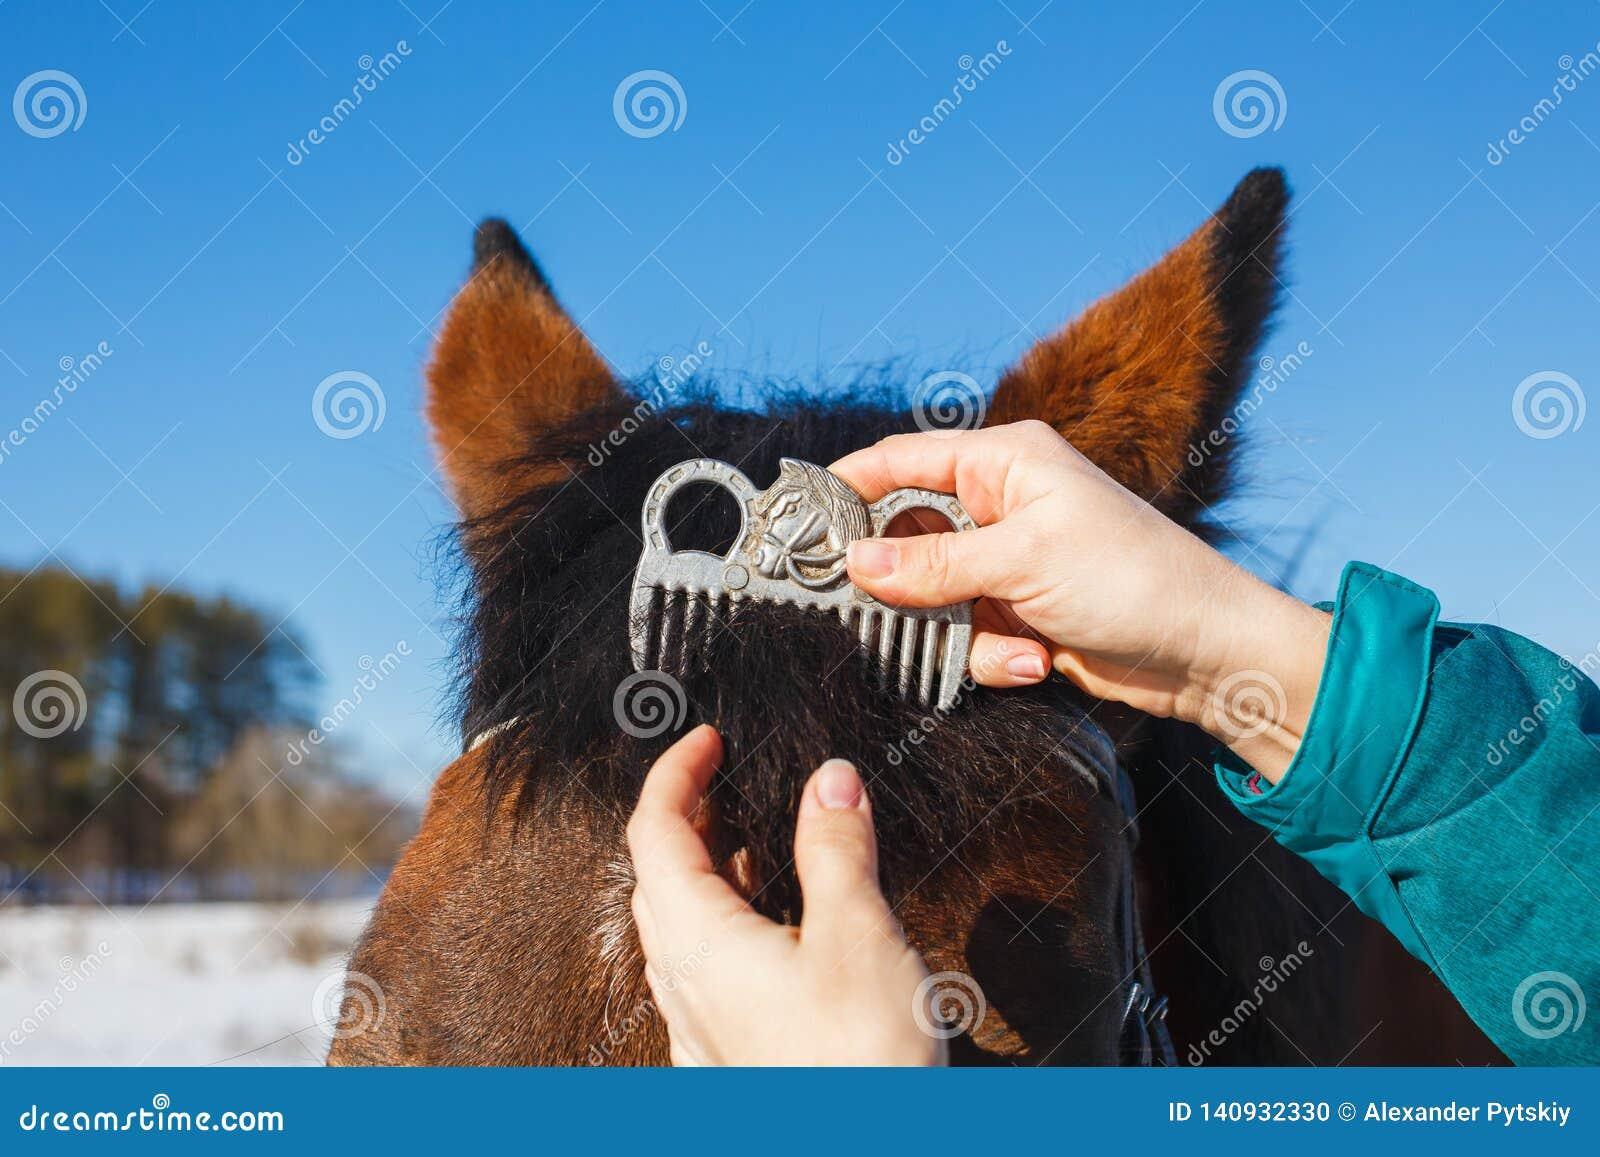 Inquietação com um cavalo Penteando o pente especial da juba na cabeça de cavalo